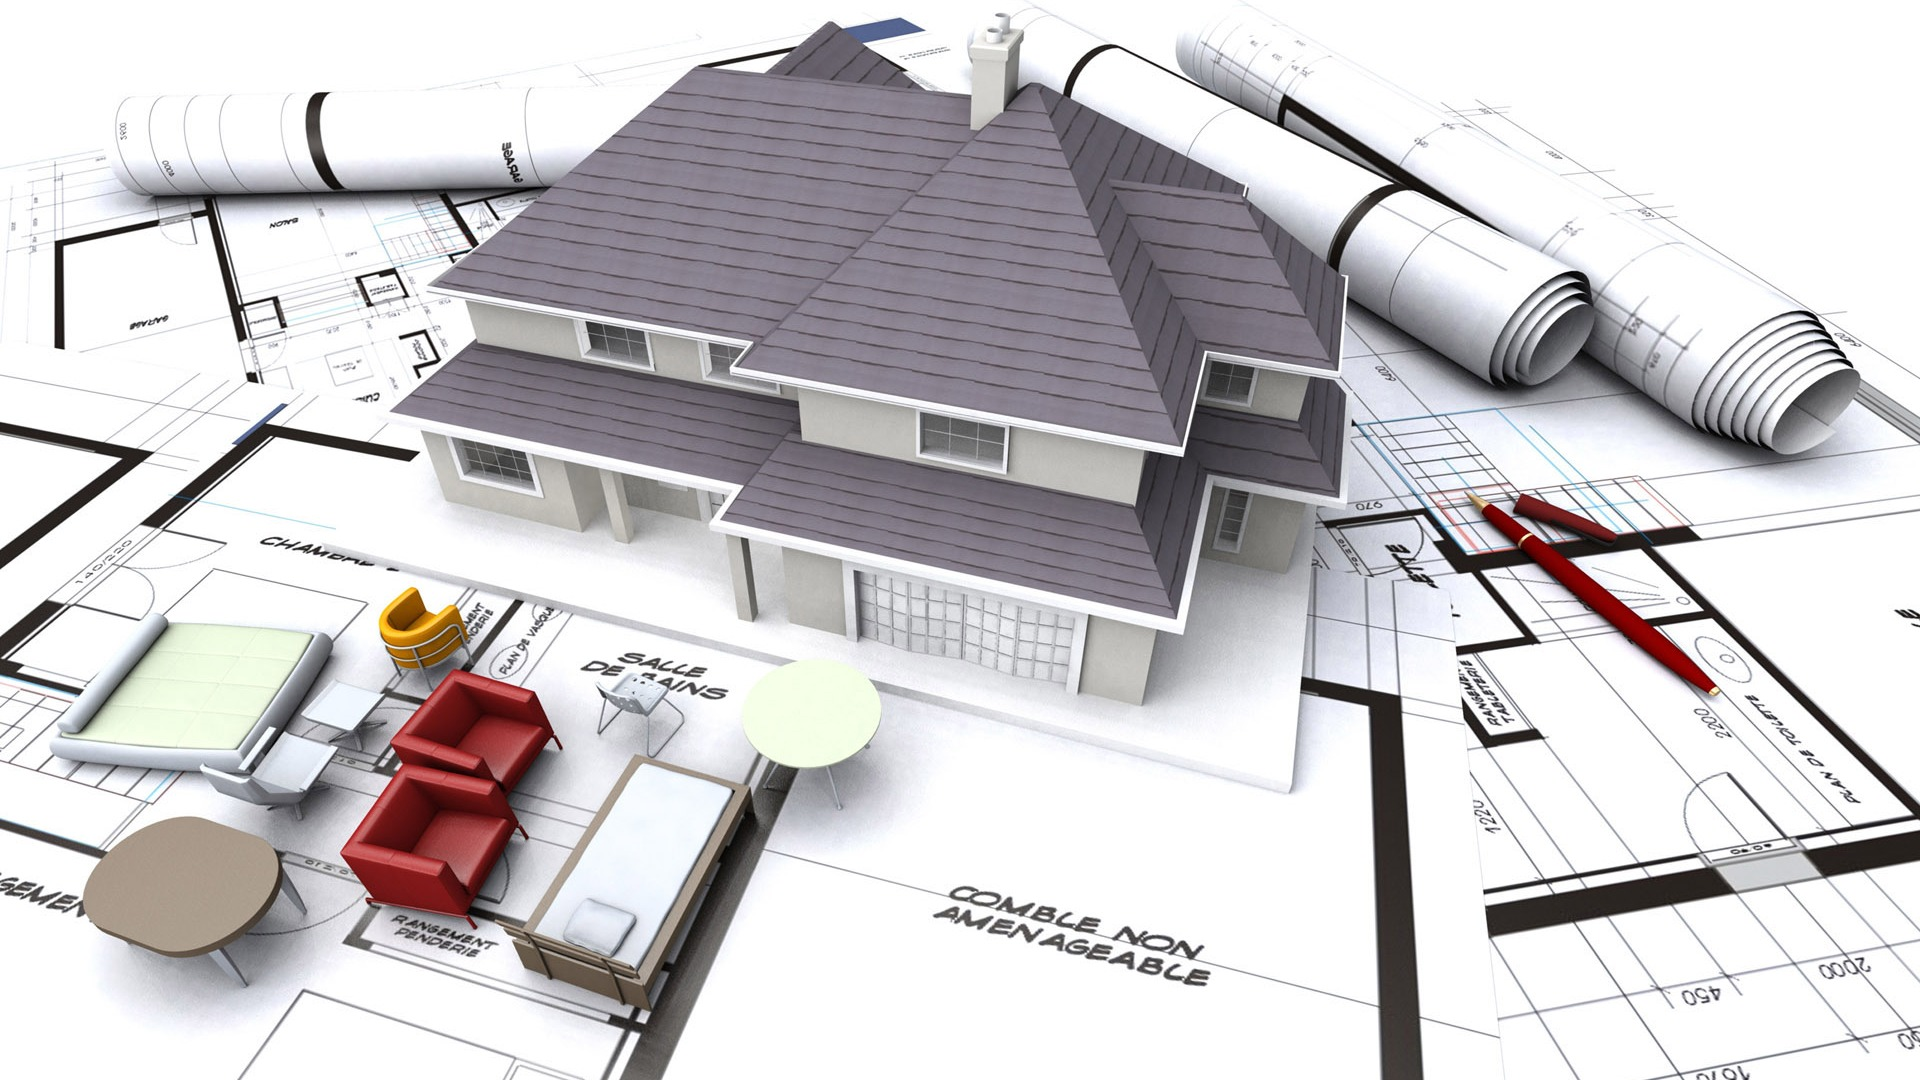 profesioni: agente immobiliare